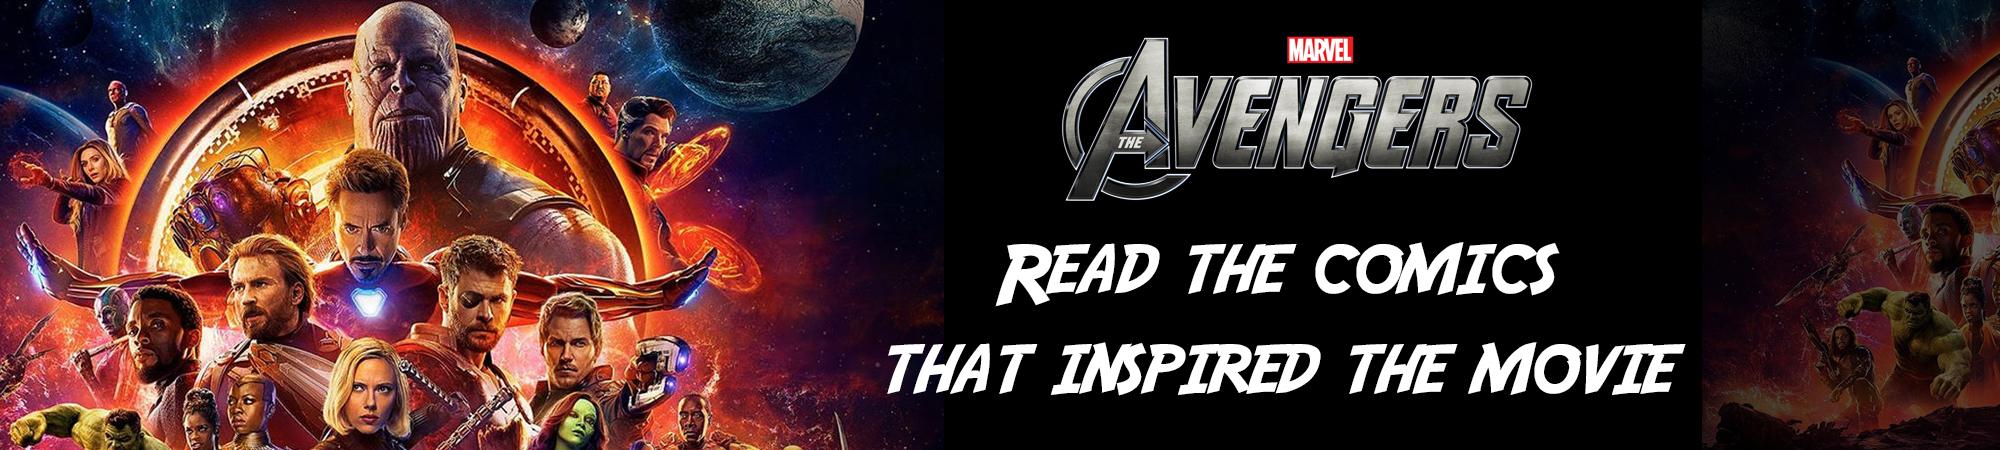 Avengers New